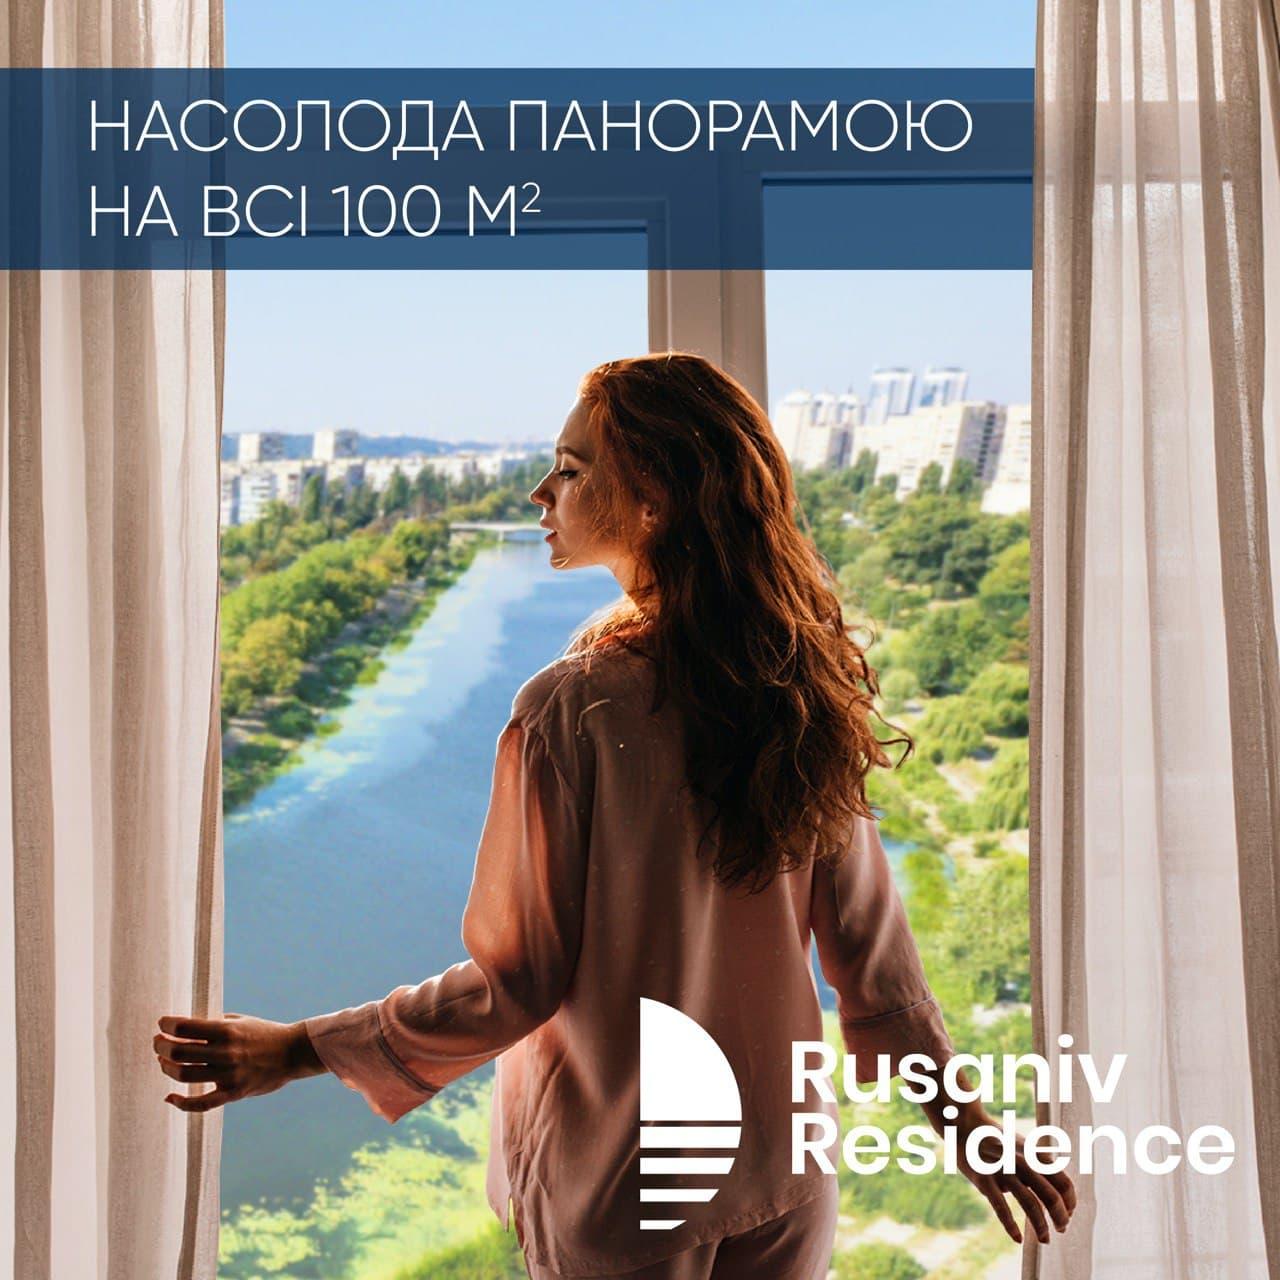 Видовая трехкомнатная в Rusaniv Residence – удовольствие от панорам на все 100 м²